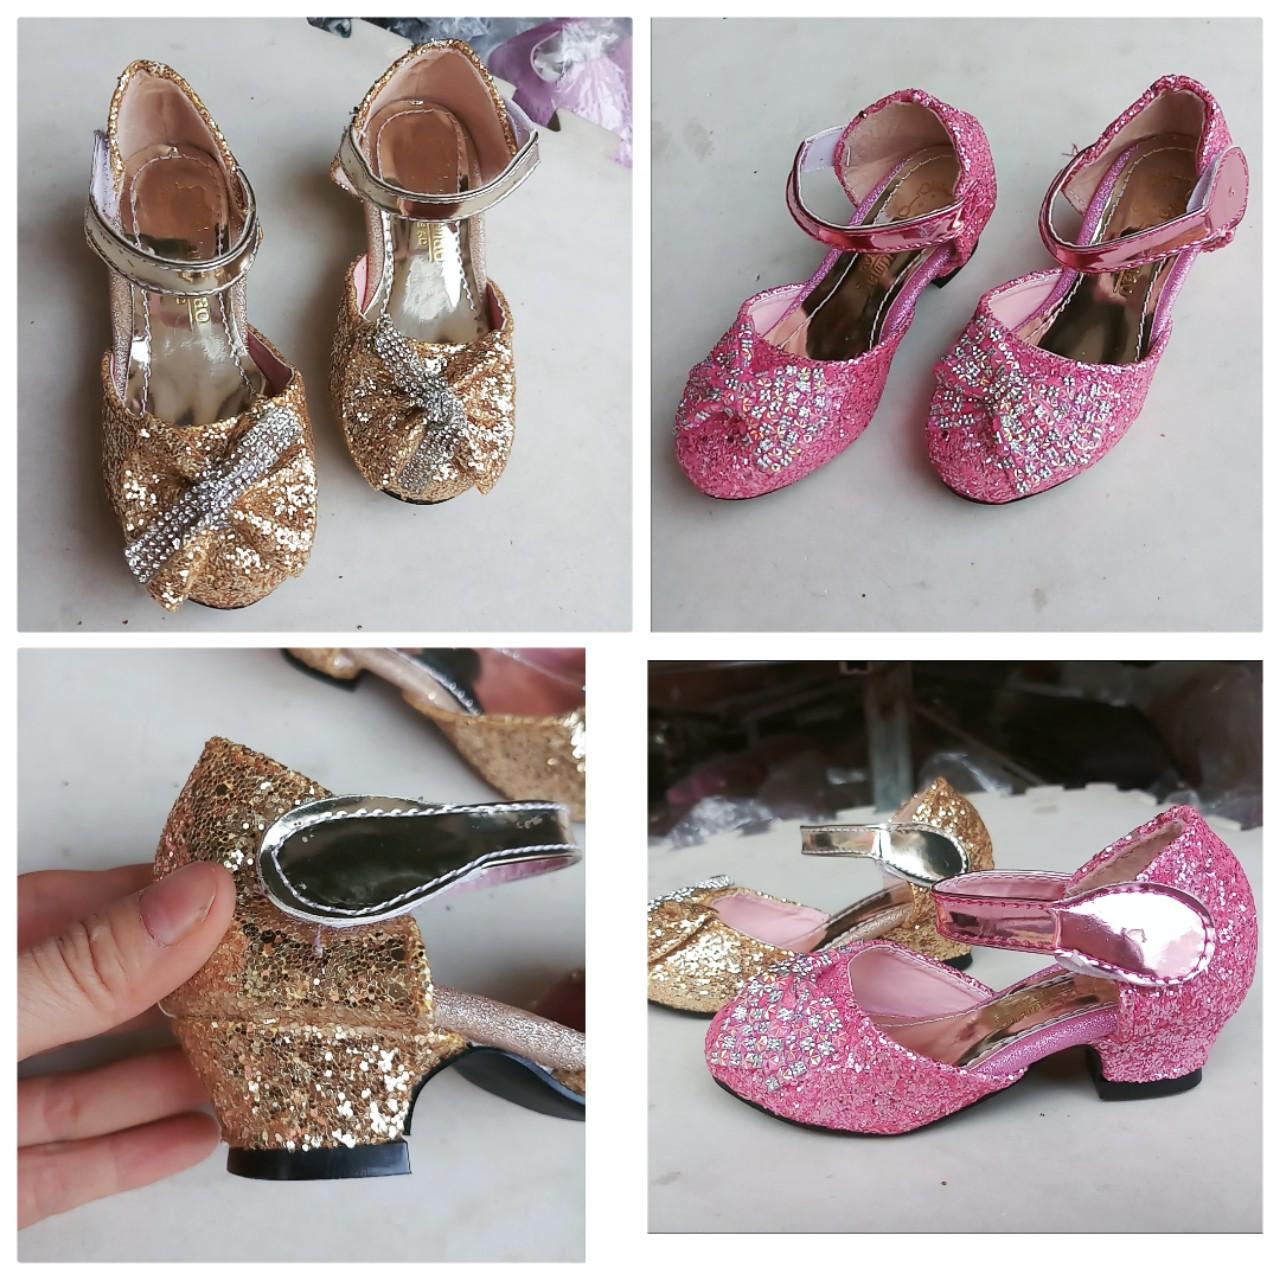 giày bé gái cao 3 phân đính đá siêu xinh